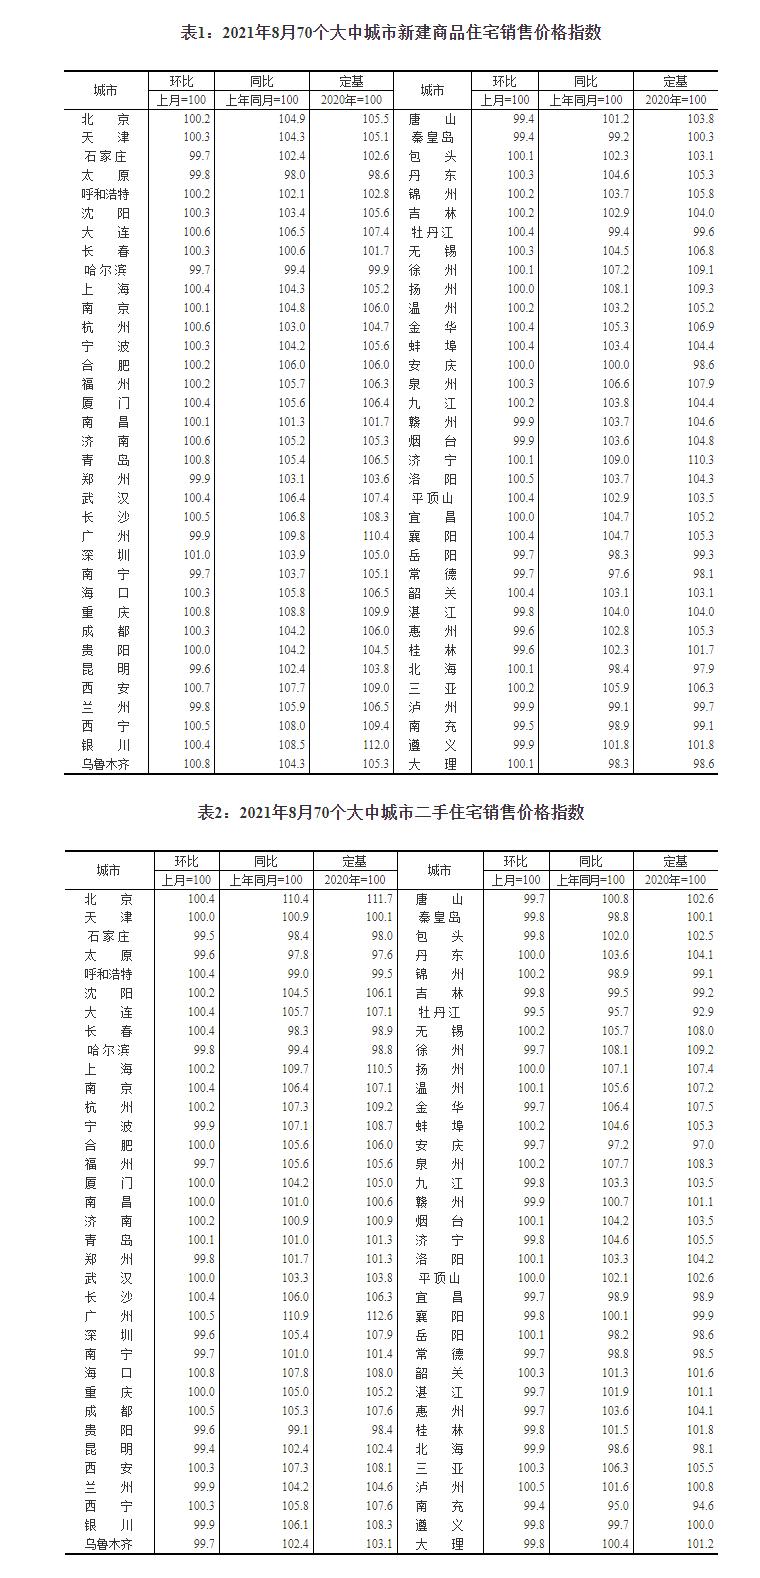 8月70城房价数据:一线城市新房价格环比涨幅回落 广州由涨转降